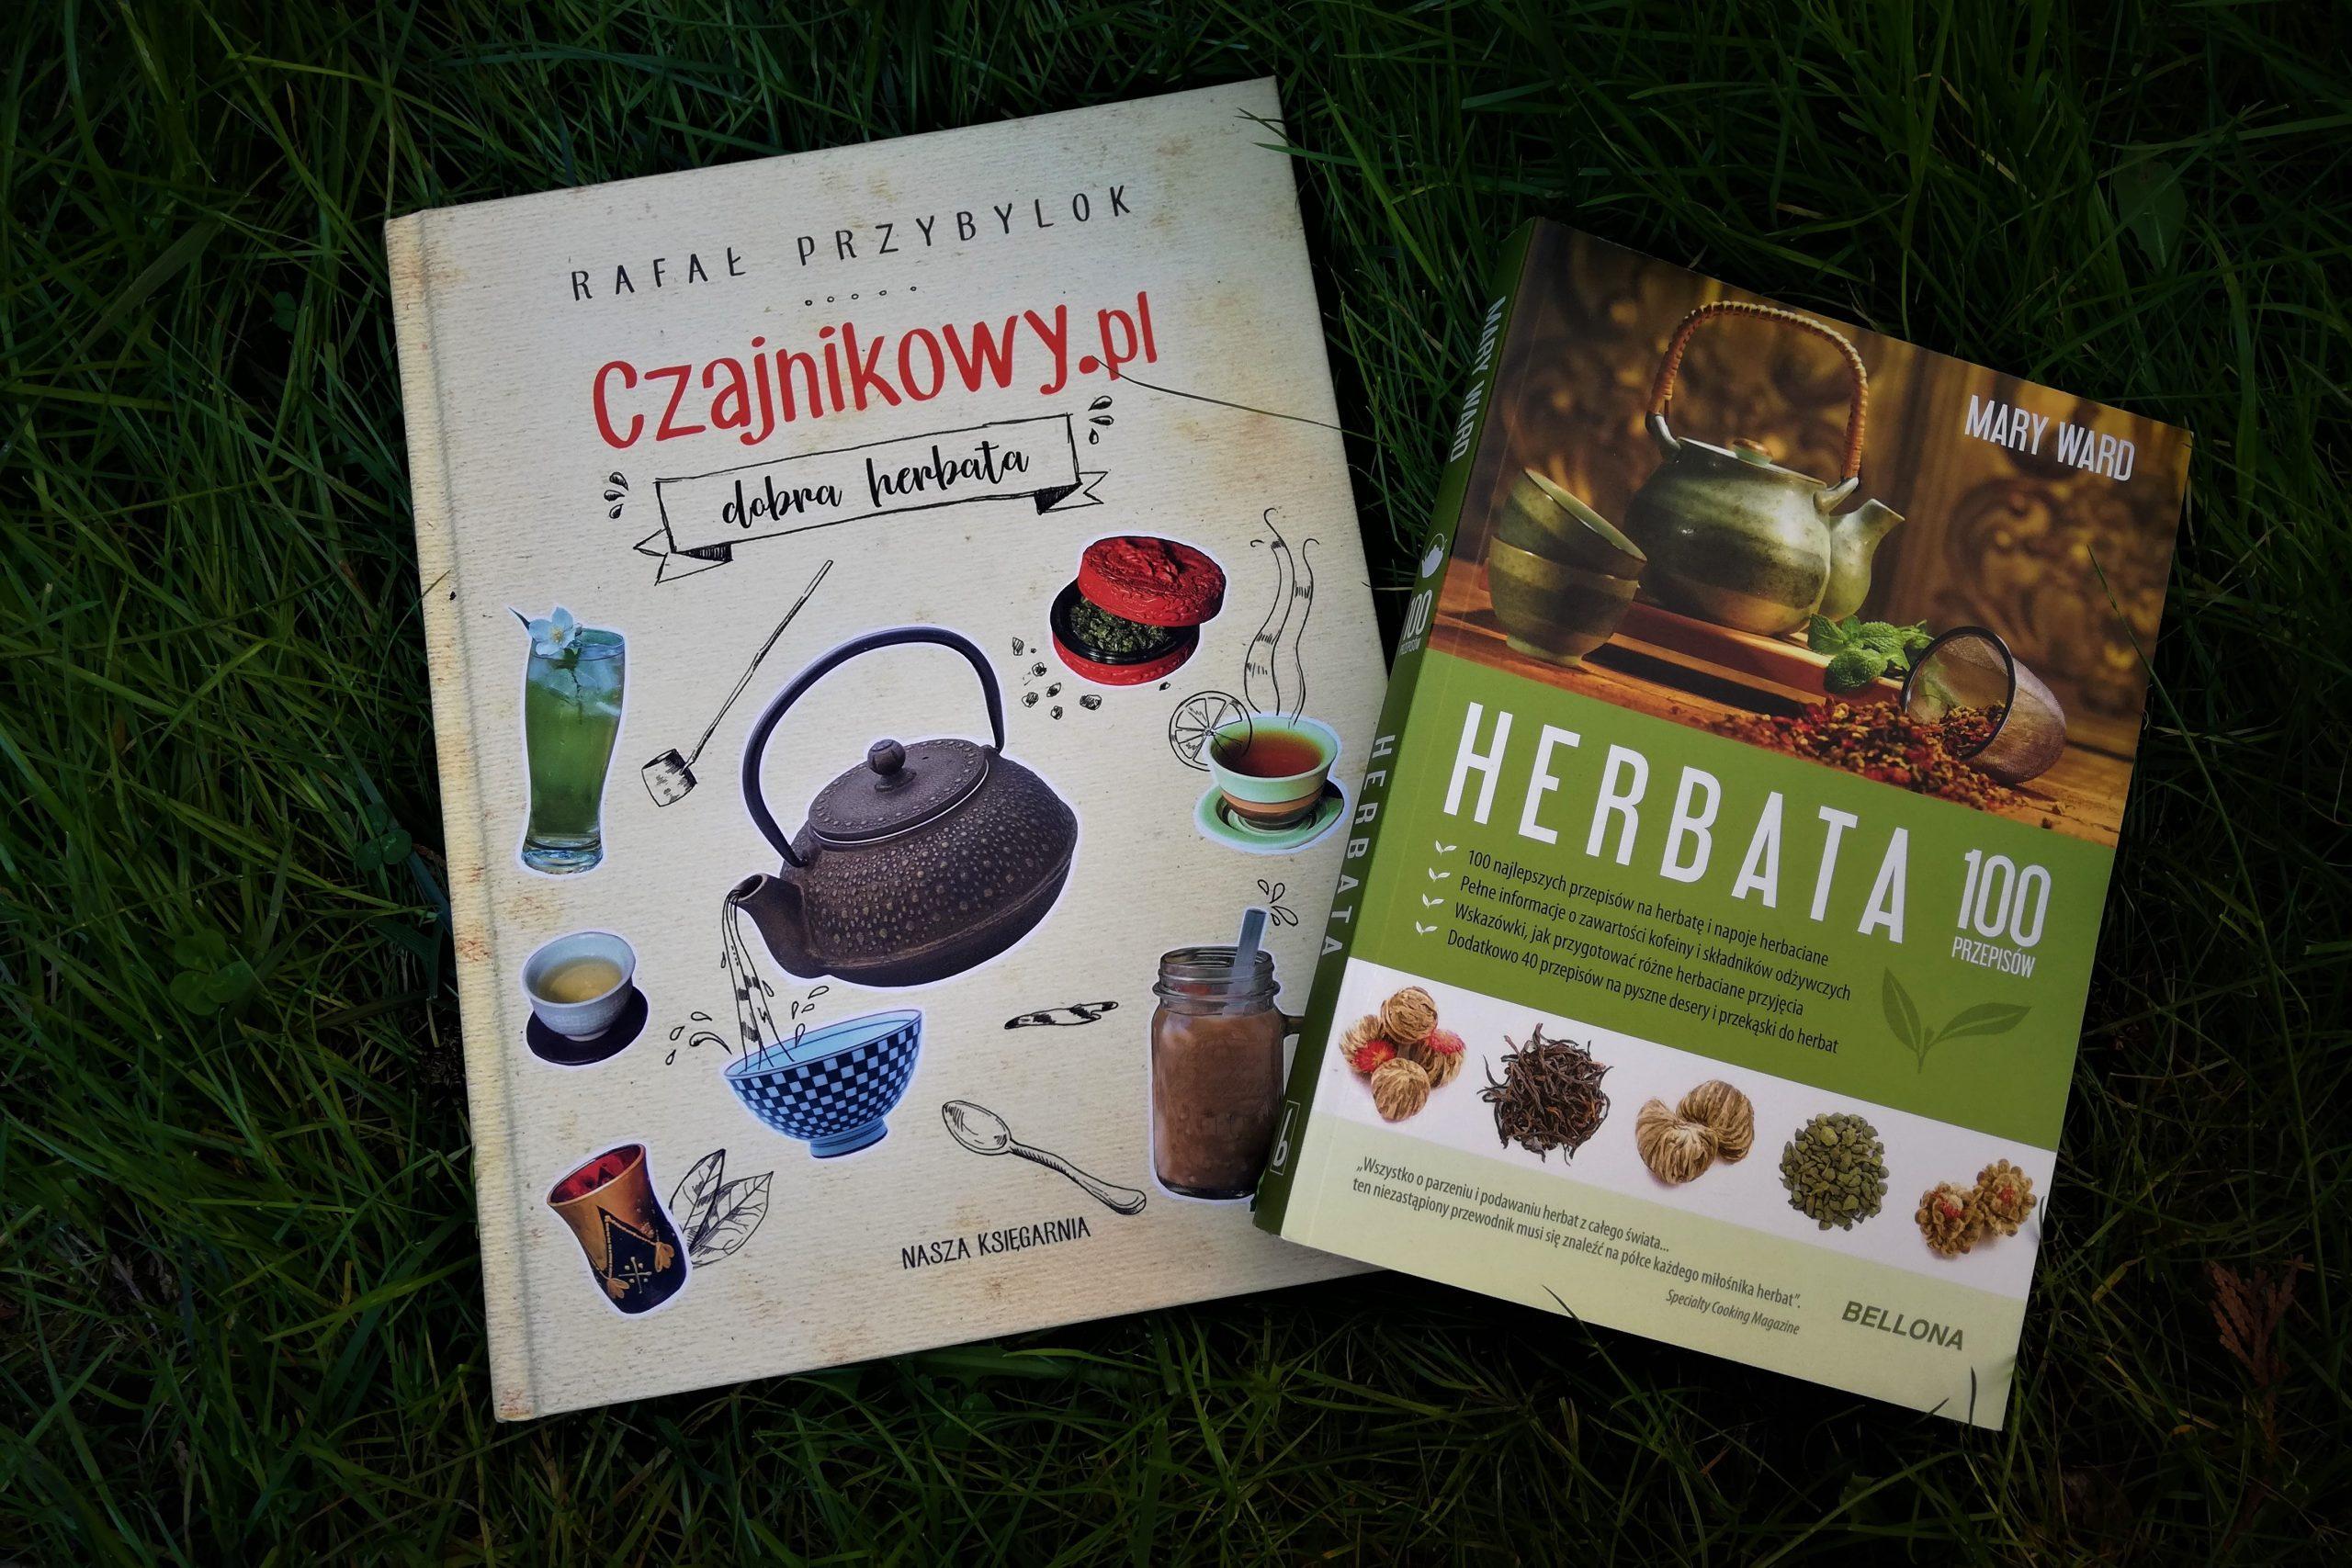 """Dwie książki oherbacie: """"Czajnikowy.pl - dobra herbata"""" autorstwa Rafała Przybylok orazksiążka Mary Ward """"Herbata. 100 przepisów"""""""